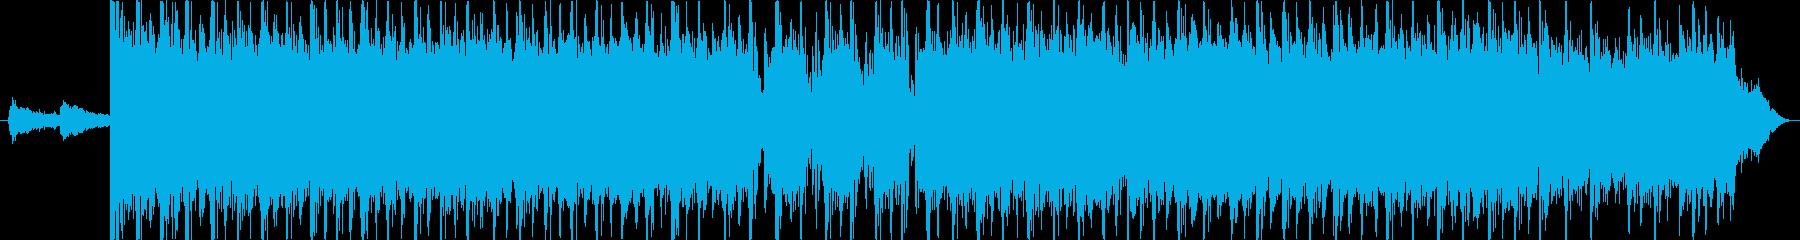 疾走感のあるスラッシュメタルのギターリフの再生済みの波形